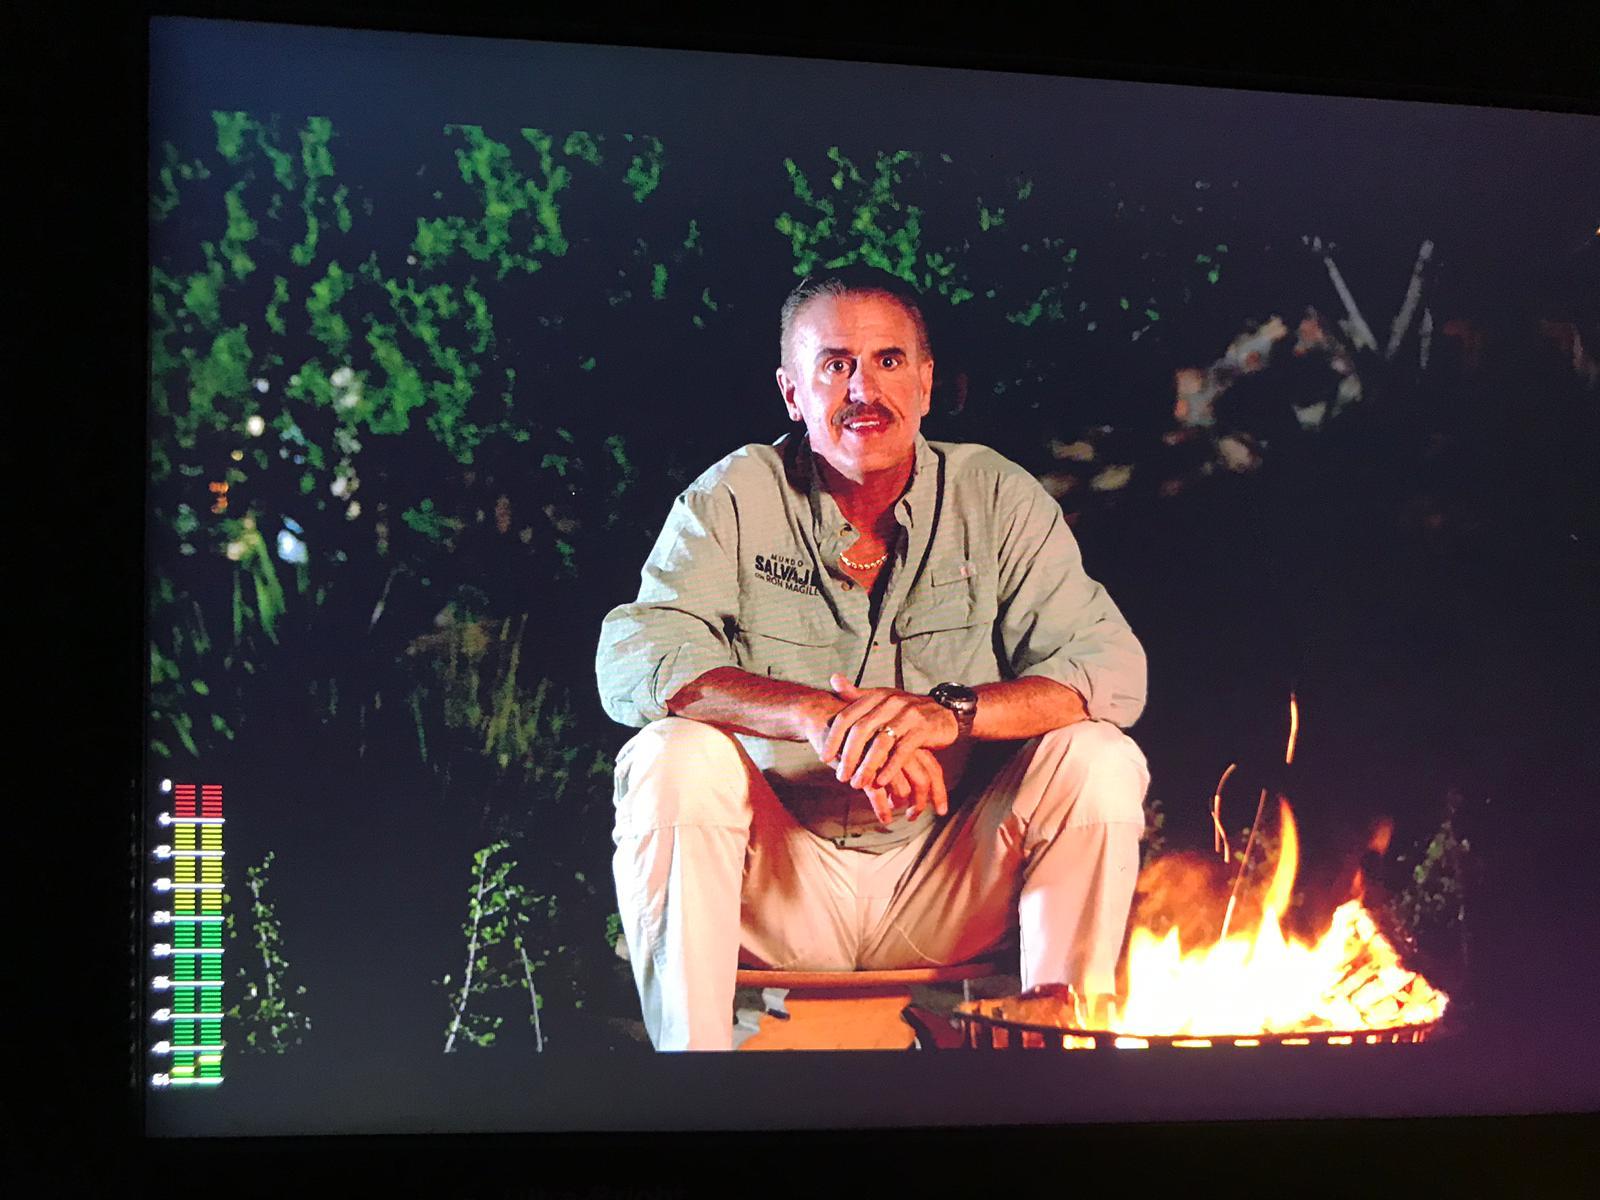 Ron sentado frente a una fogata